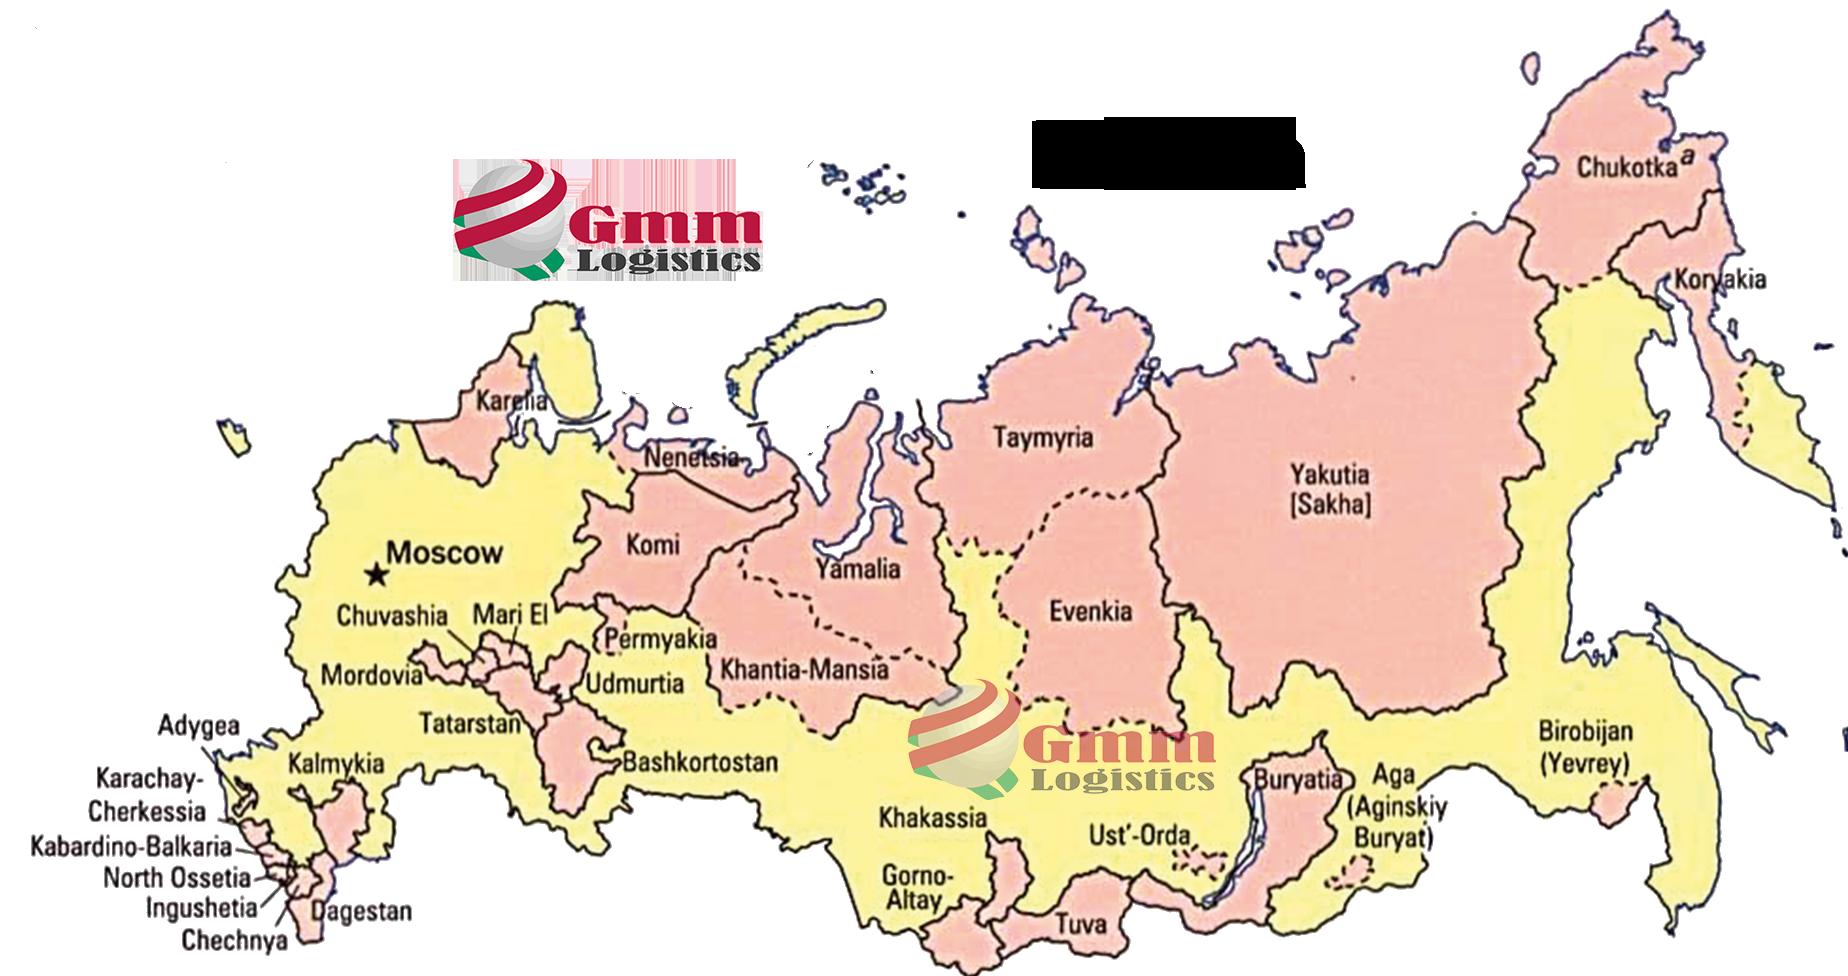 rusya gece hayatu0131. rusya tu00fcrkiye. rusya u015fehirleri. rusya haritasu0131. rusya nu00fcfusu 2016. rusya...